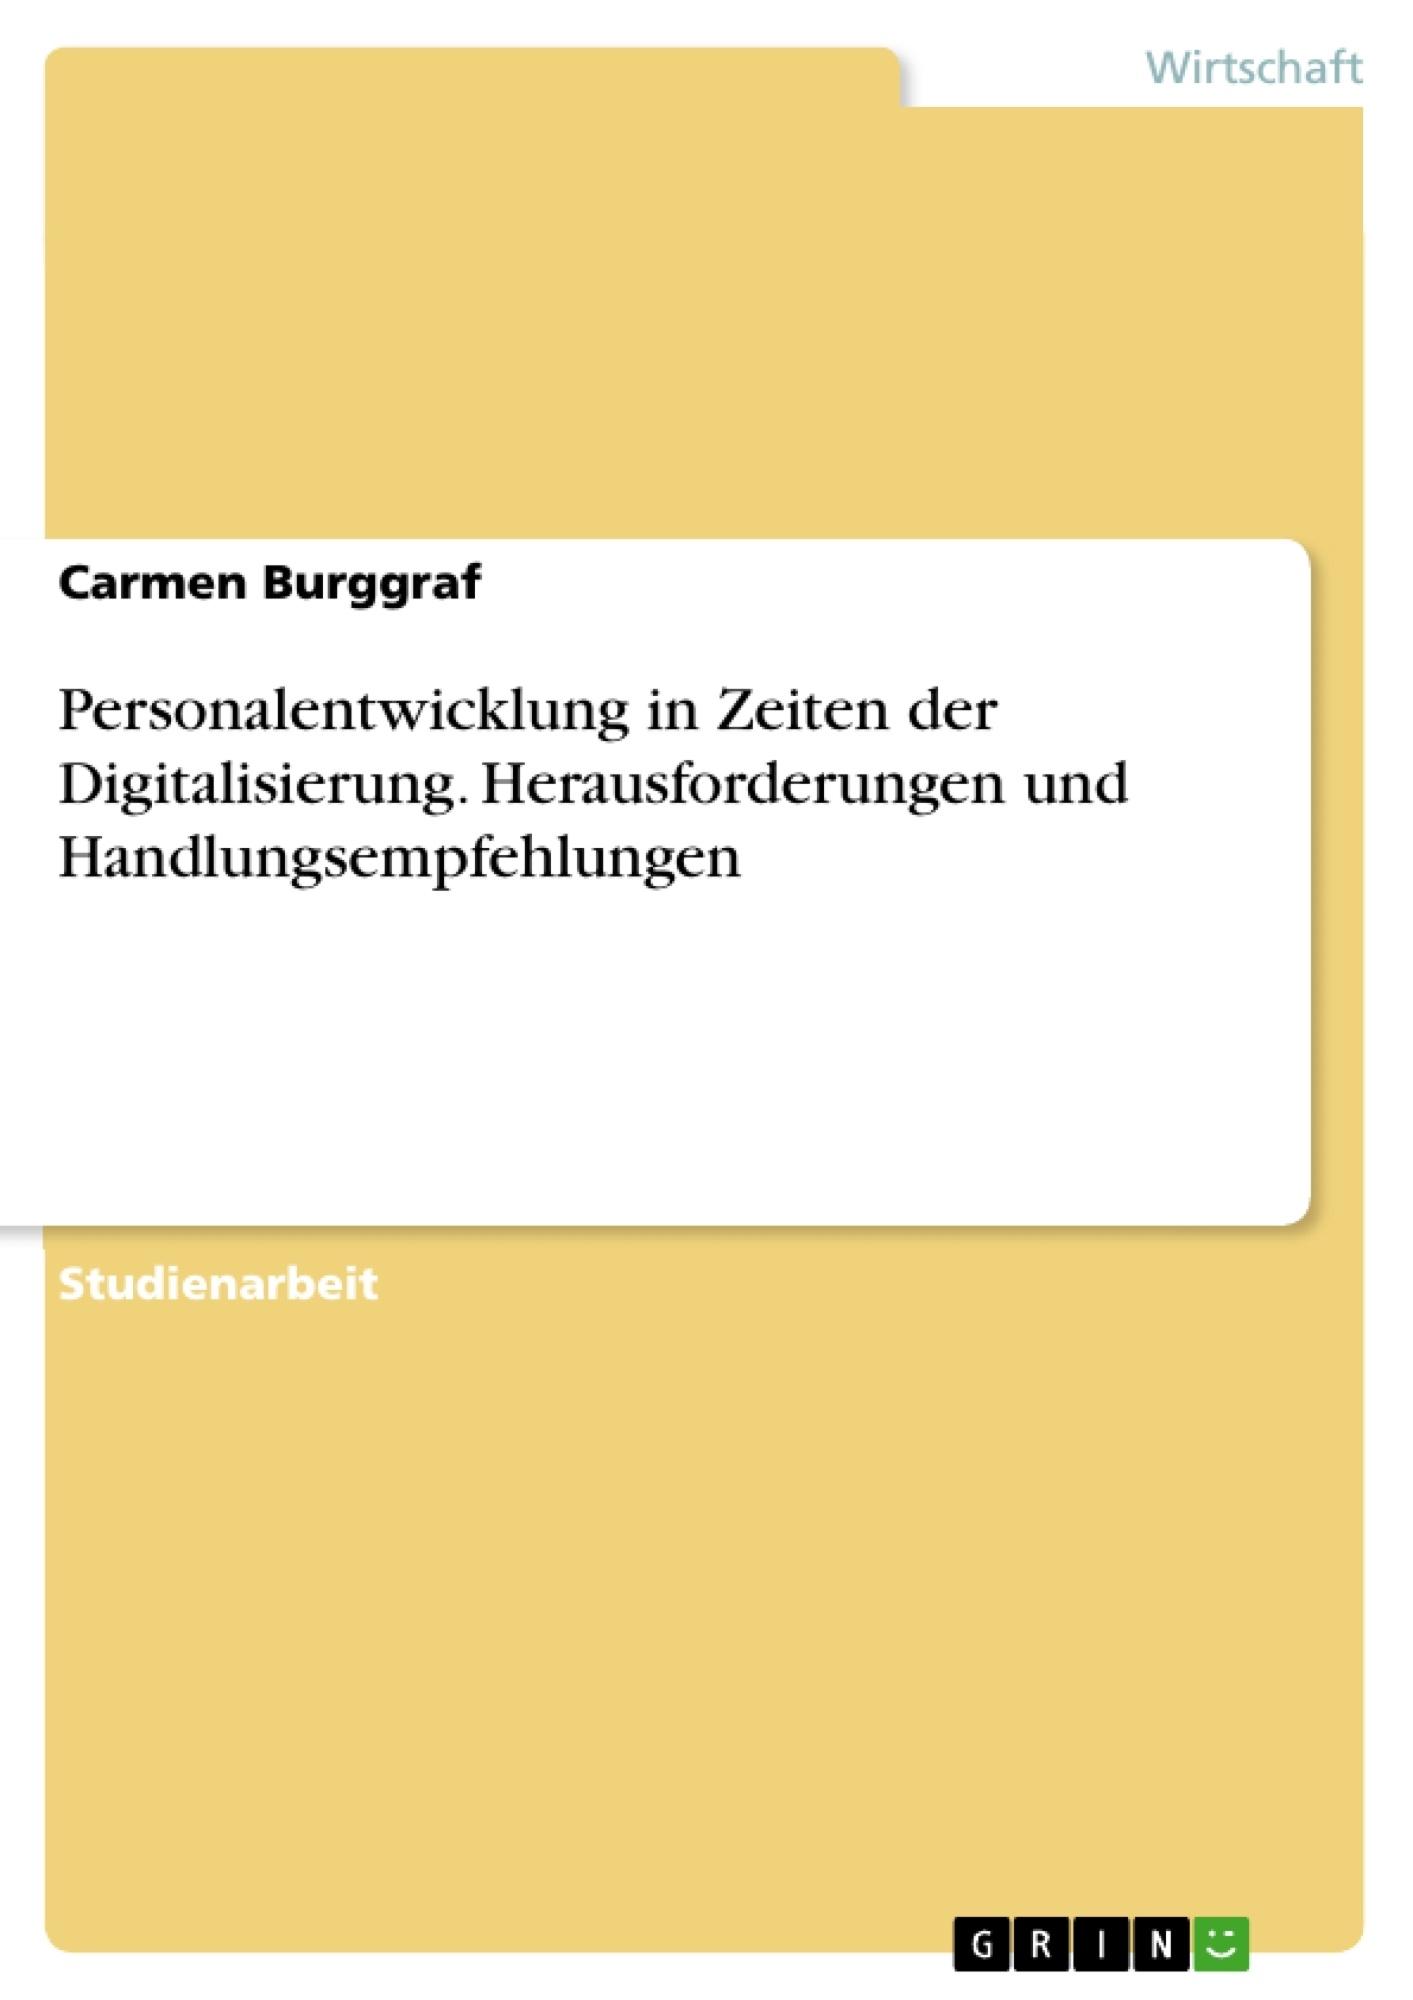 Titel: Personalentwicklung in Zeiten der Digitalisierung. Herausforderungen und Handlungsempfehlungen